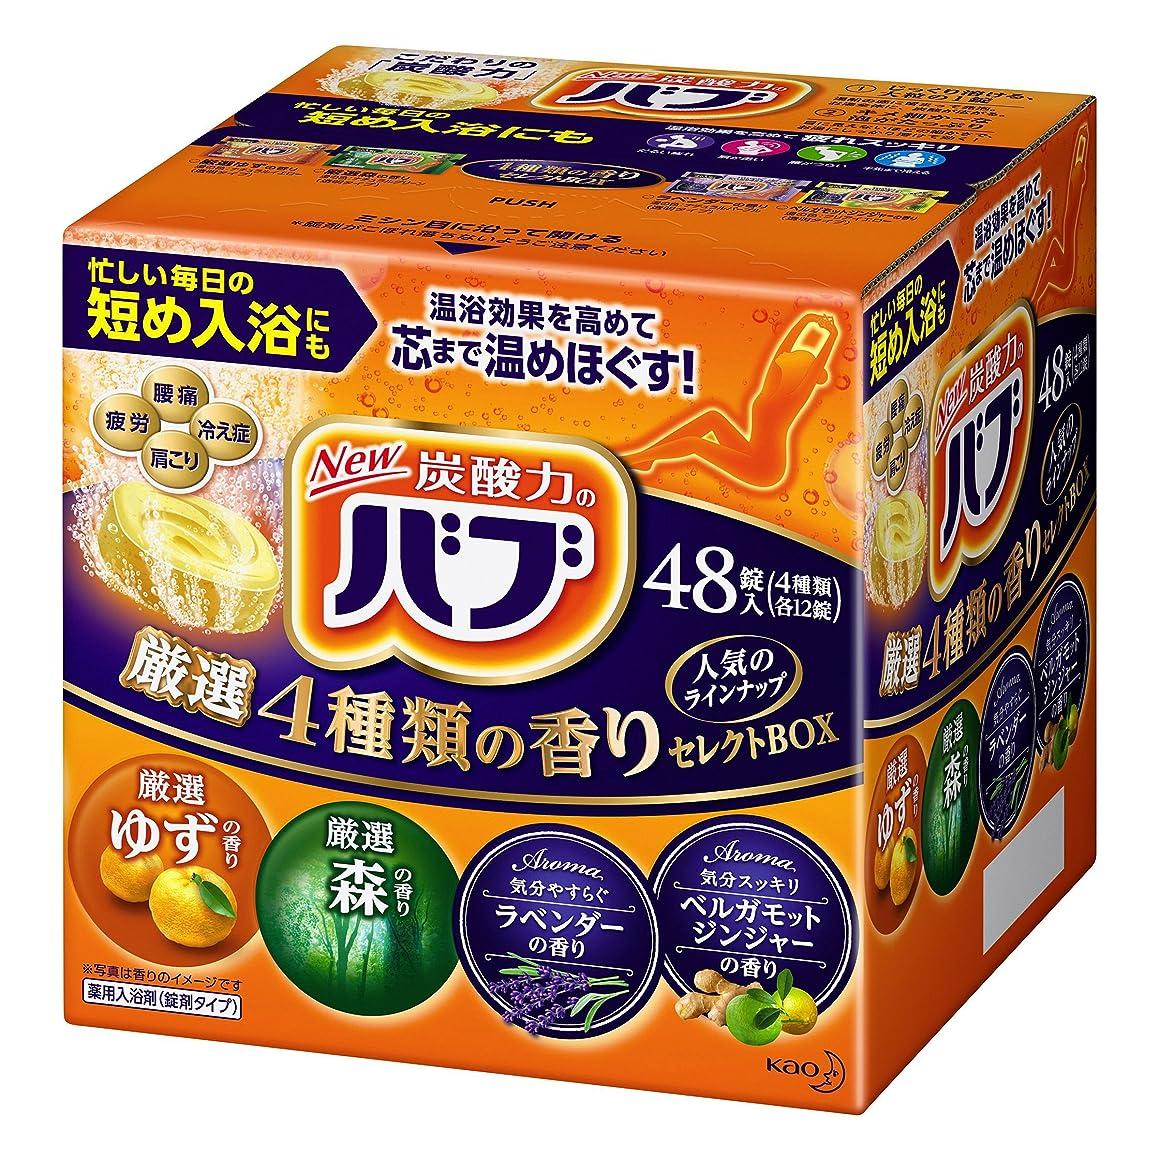 発明する欲しいです代数的【大容量】バブ 厳選4種類の香りセレクトBOX 48錠 炭酸 入浴剤